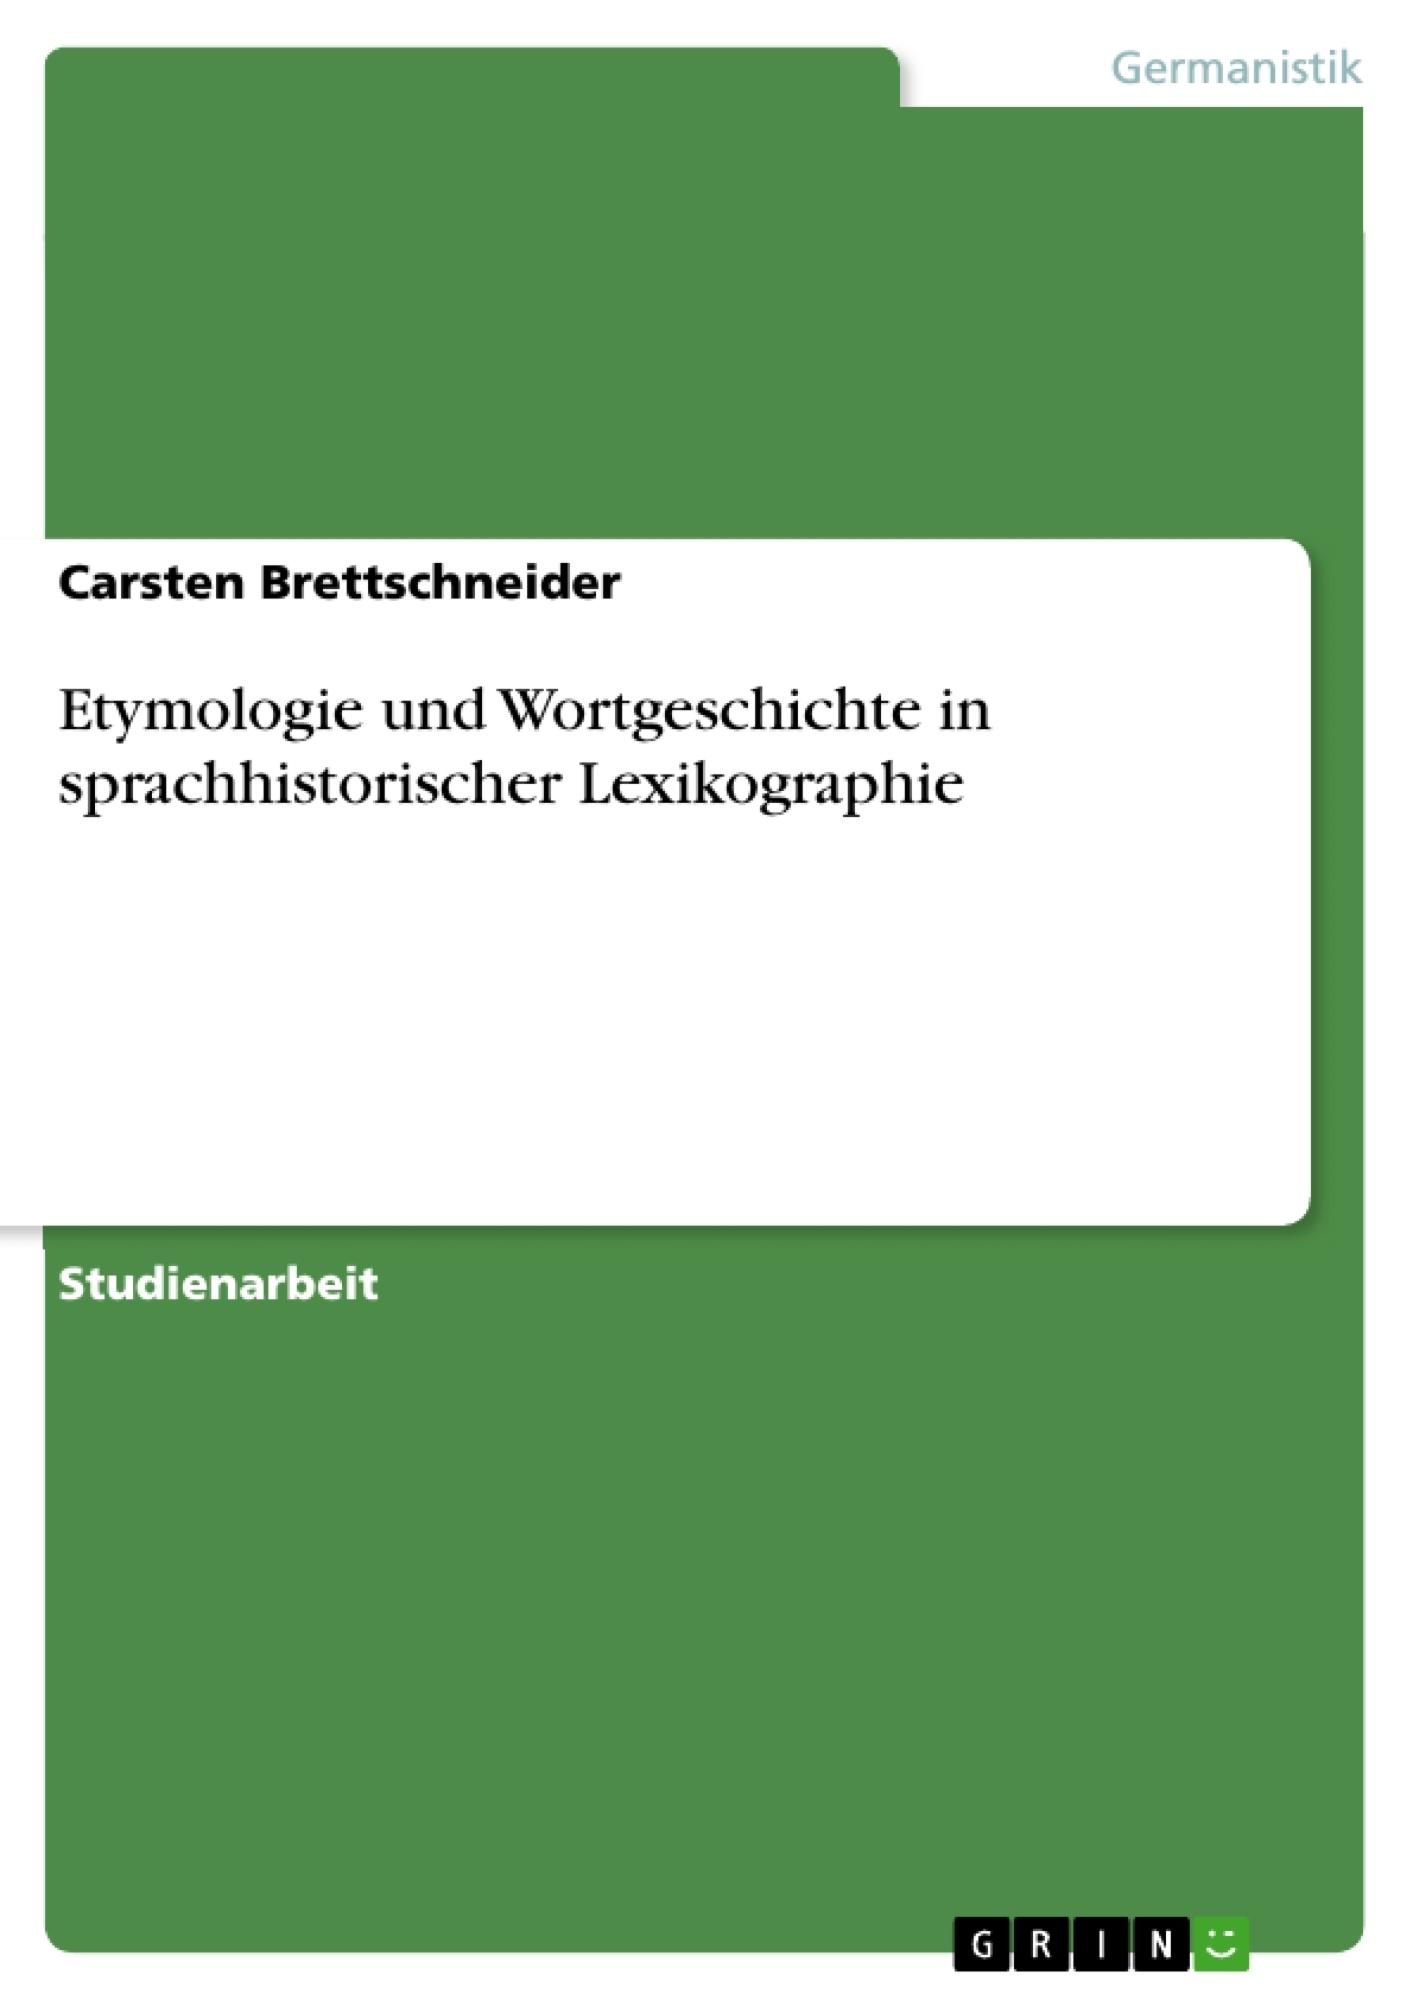 Titel: Etymologie und Wortgeschichte in sprachhistorischer Lexikographie